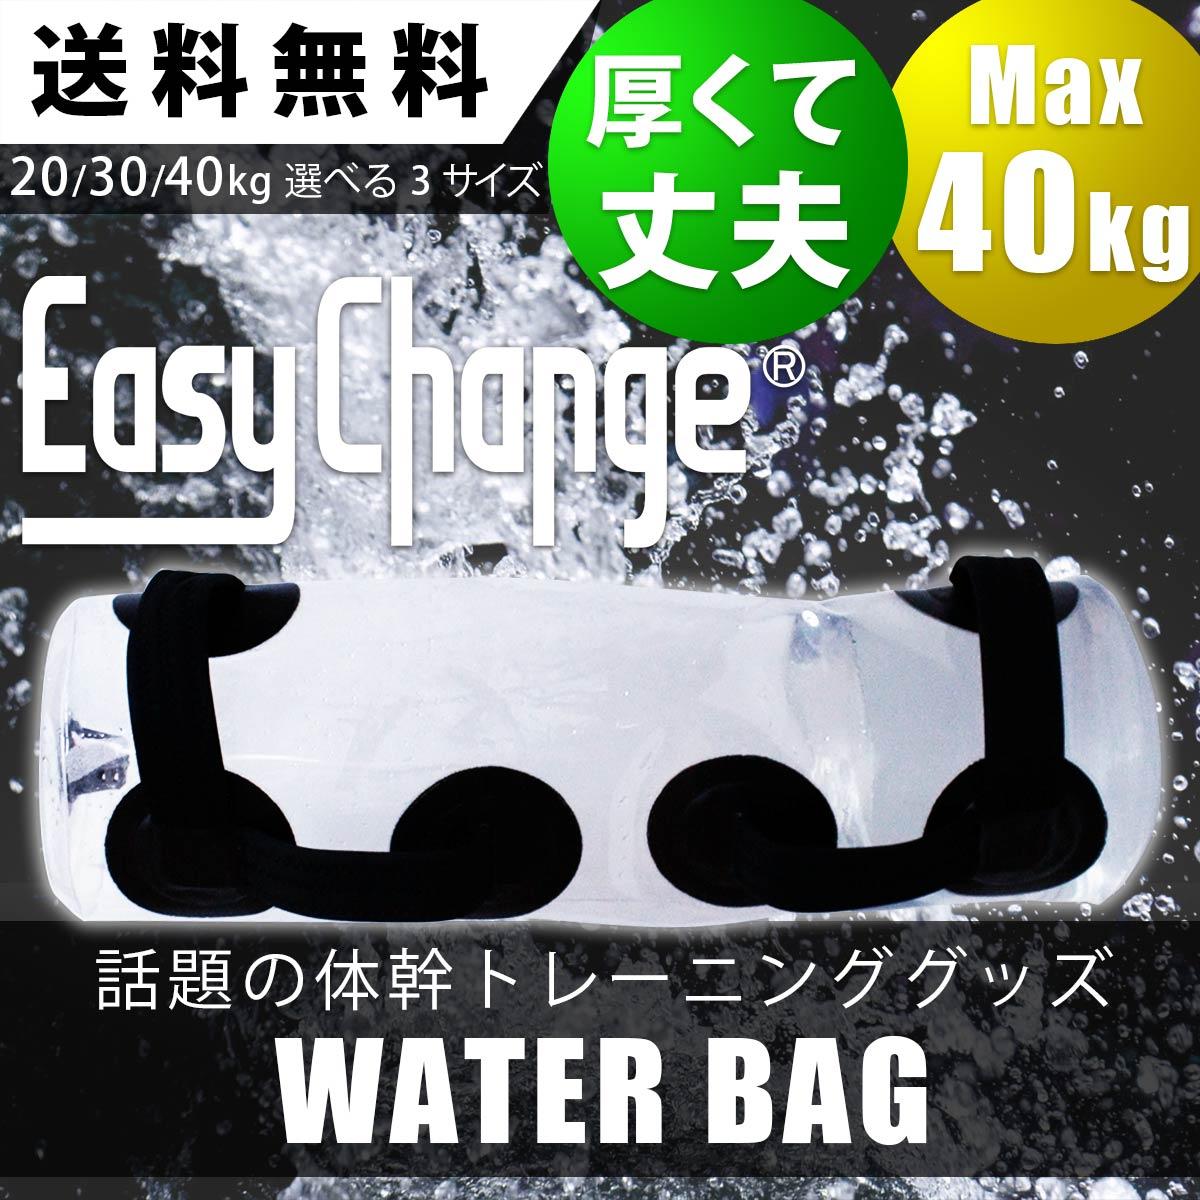 ウォーターバッグ EasyChange イージーチェンジ 20kg30kg40kg選べる3サイズ (体幹トレーニング 筋トレ フィットネス, ラグビー アメフト サッカー バスケ等のプレーヤー・格闘家に人気)